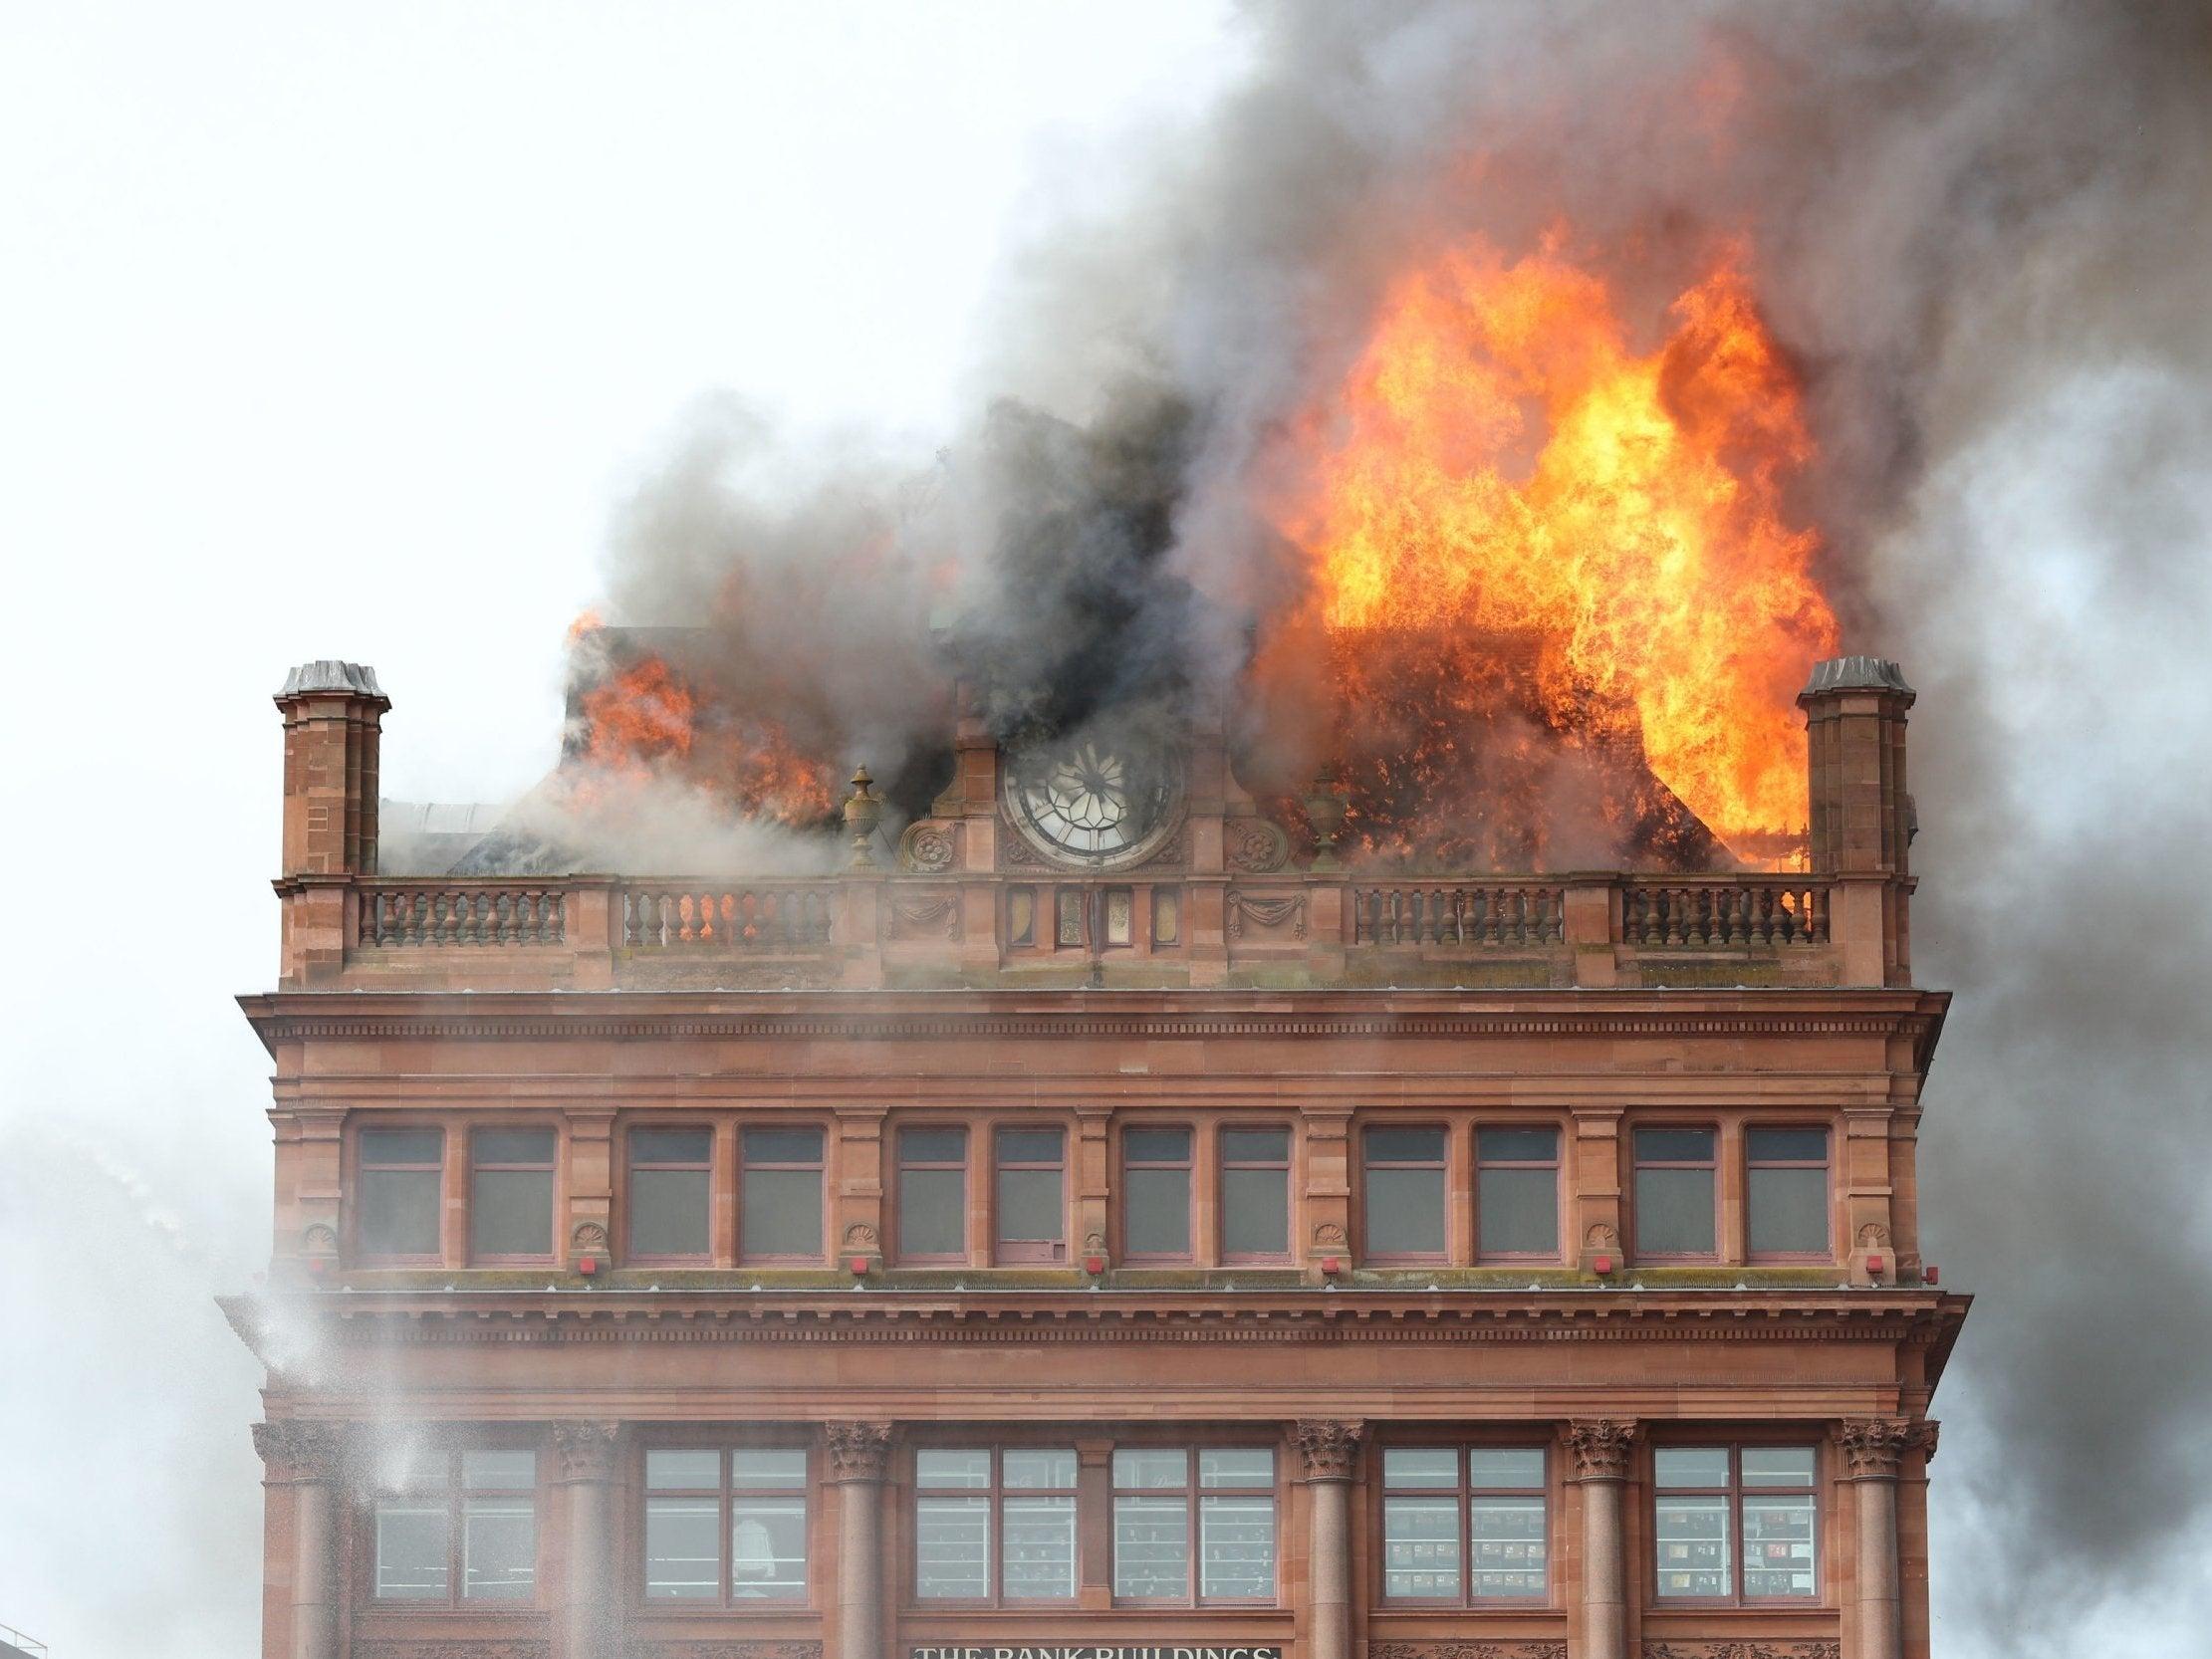 Primark fire: Shoppers evacuated as huge blaze breaks out in Belfast